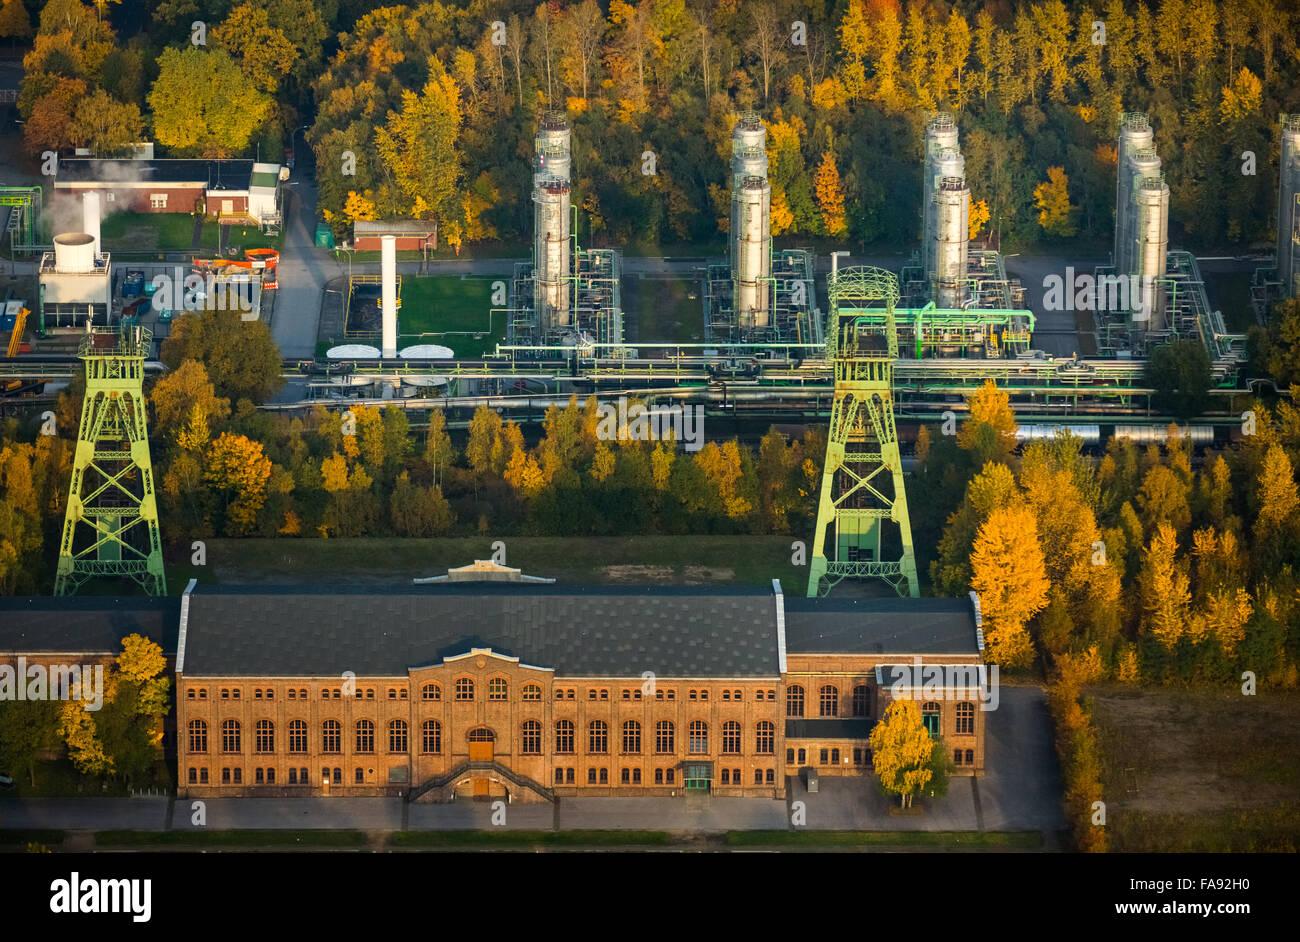 Musée de l'industrie, salle des machines, Zeche Zweckel, tours d'enroulement, INEOS Phenol plante, Photo Stock